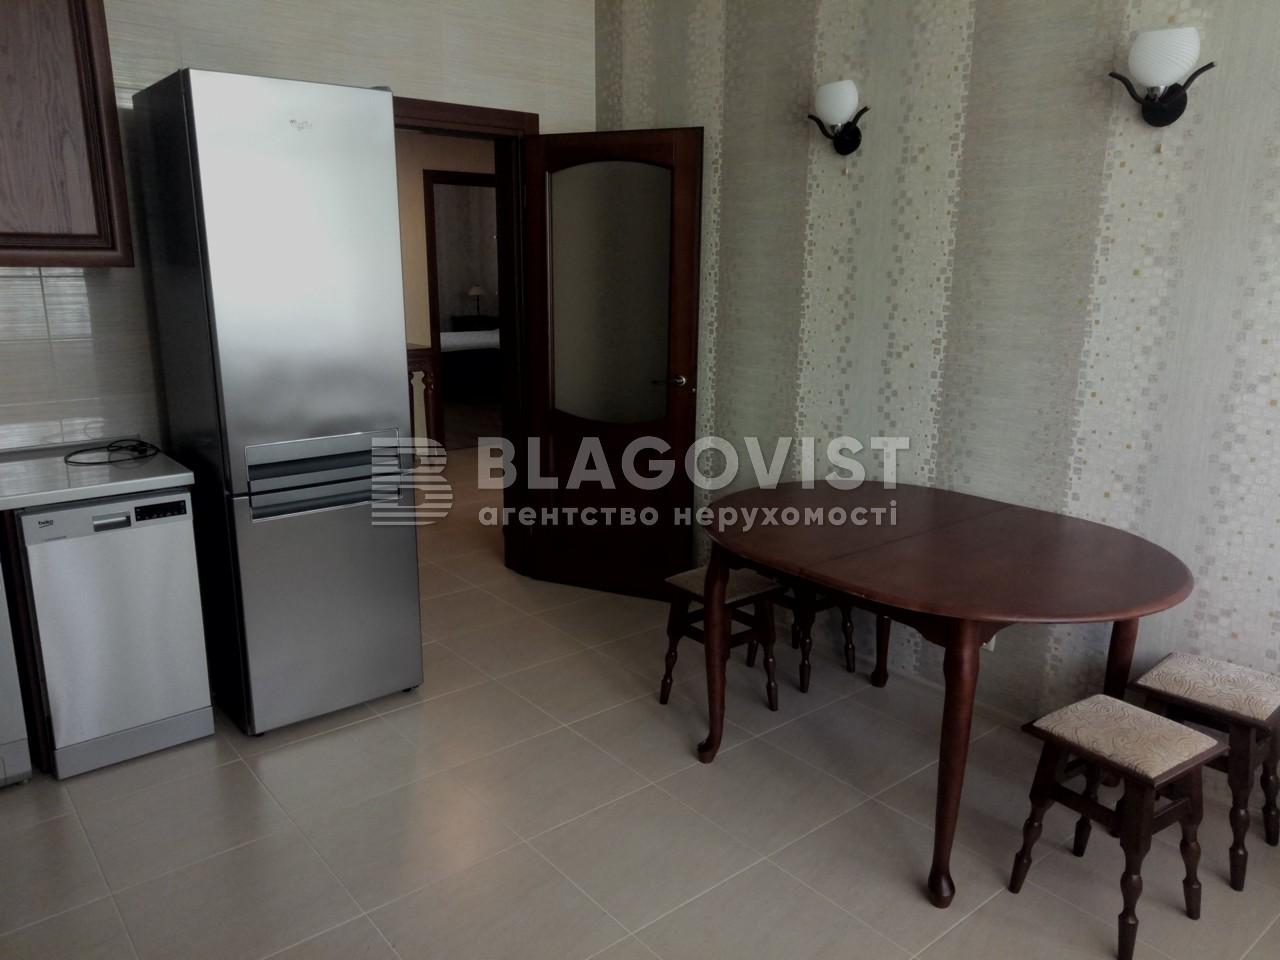 Квартира M-35970, Борщаговская, 28а, Петропавловская Борщаговка - Фото 14